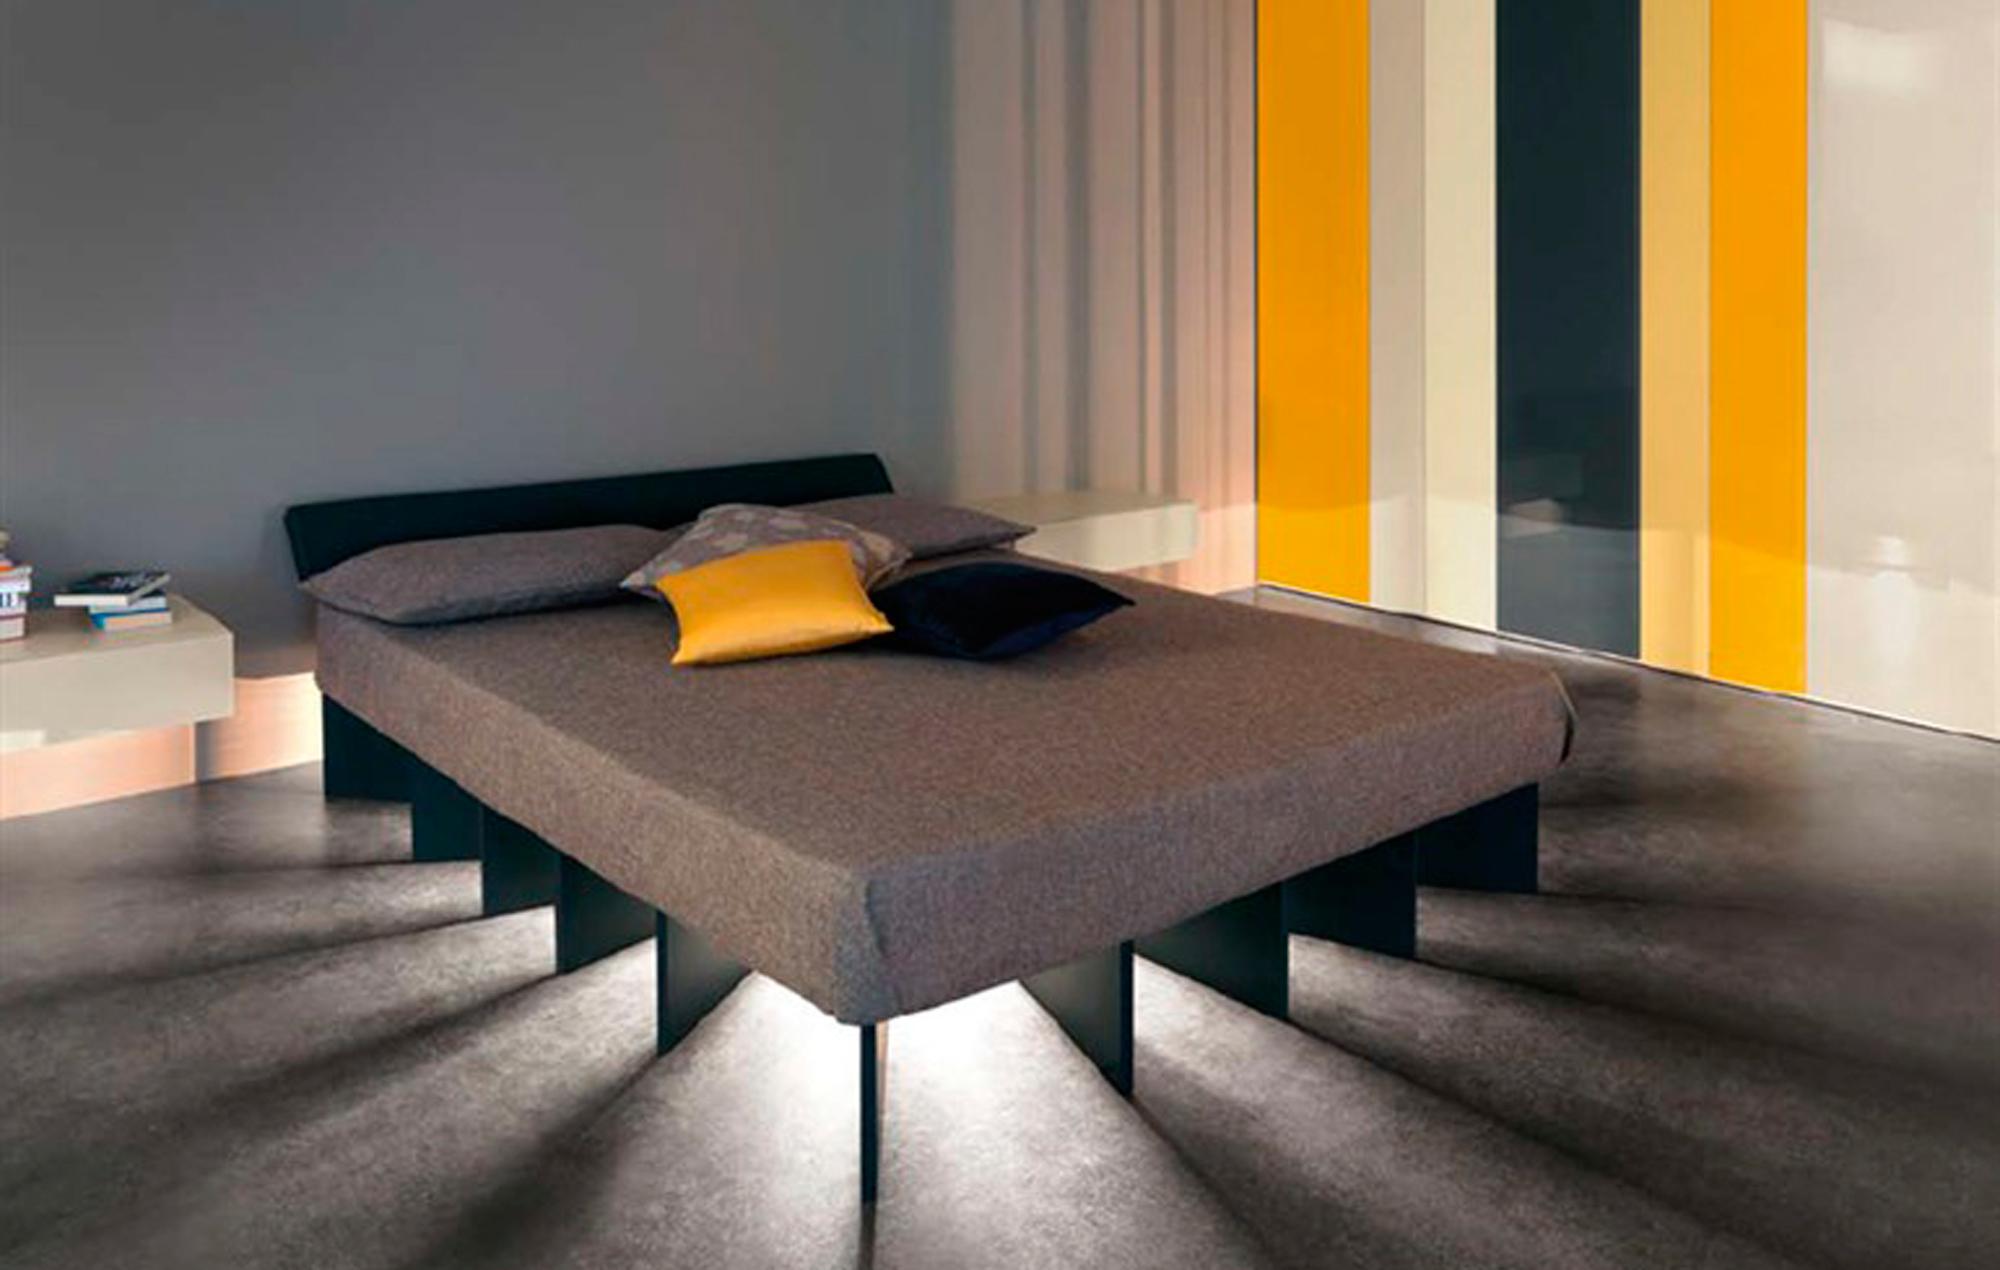 Led lys under seng – solceller og lysdioder